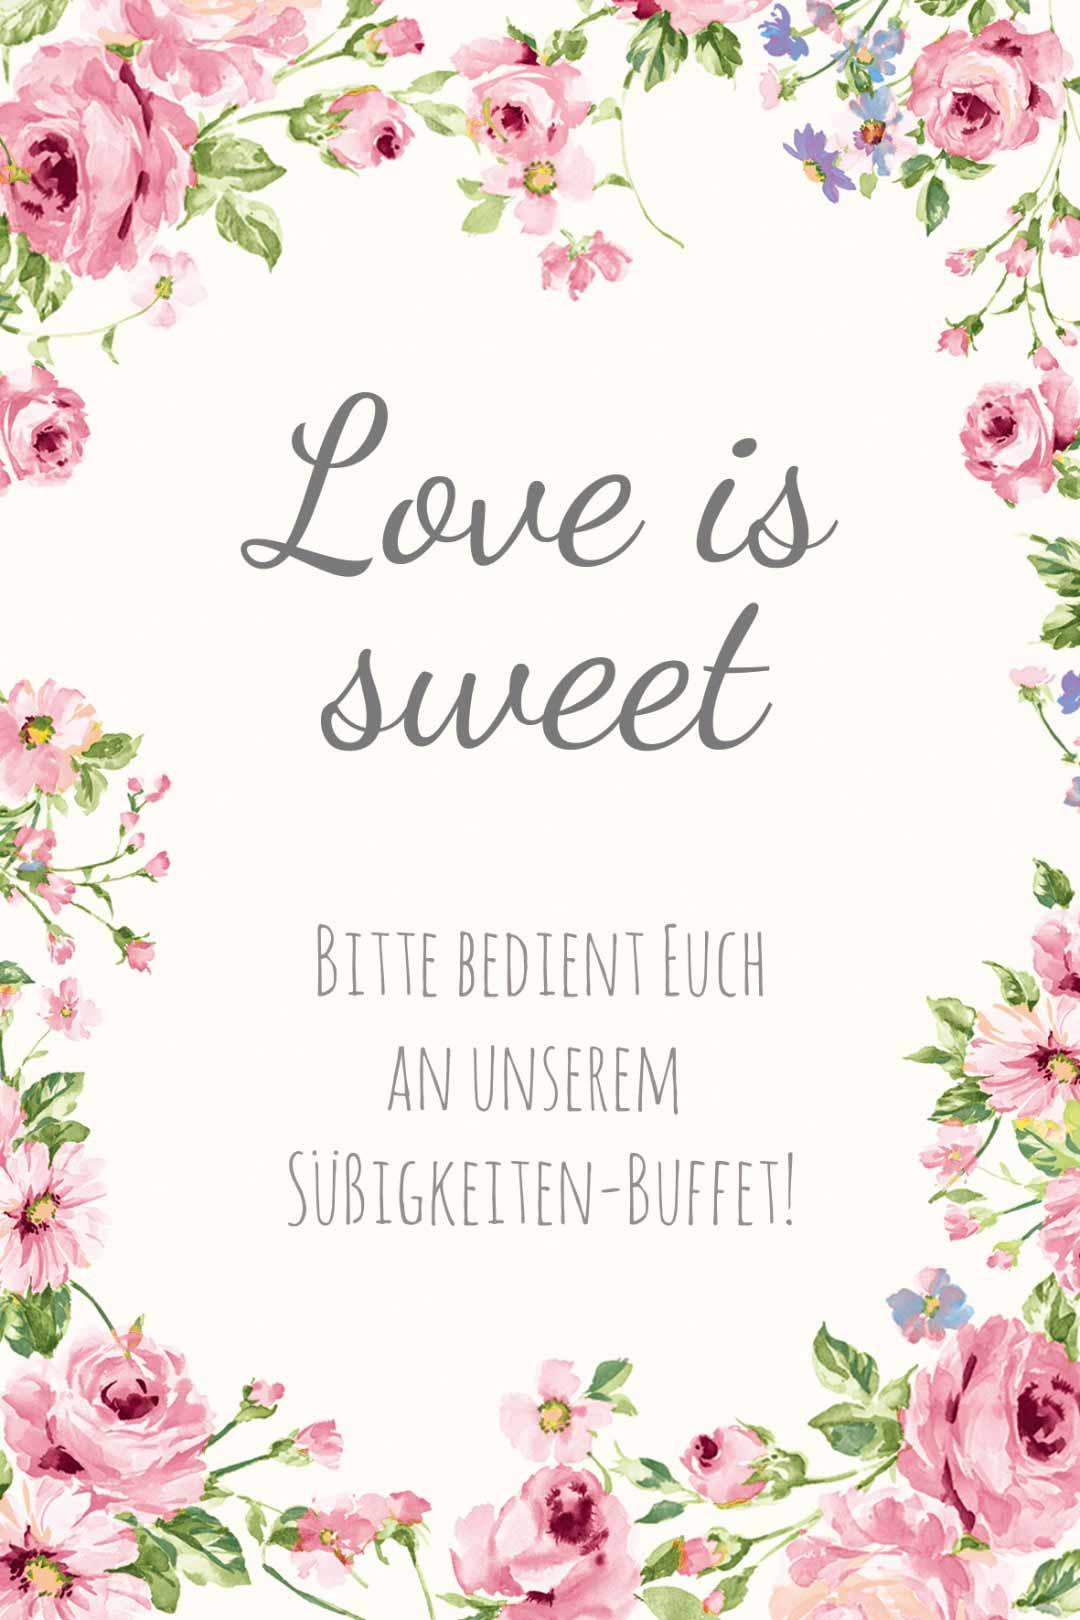 Schild im blumigen Design als Vorlage für die Hochzeit: Love is Sweet